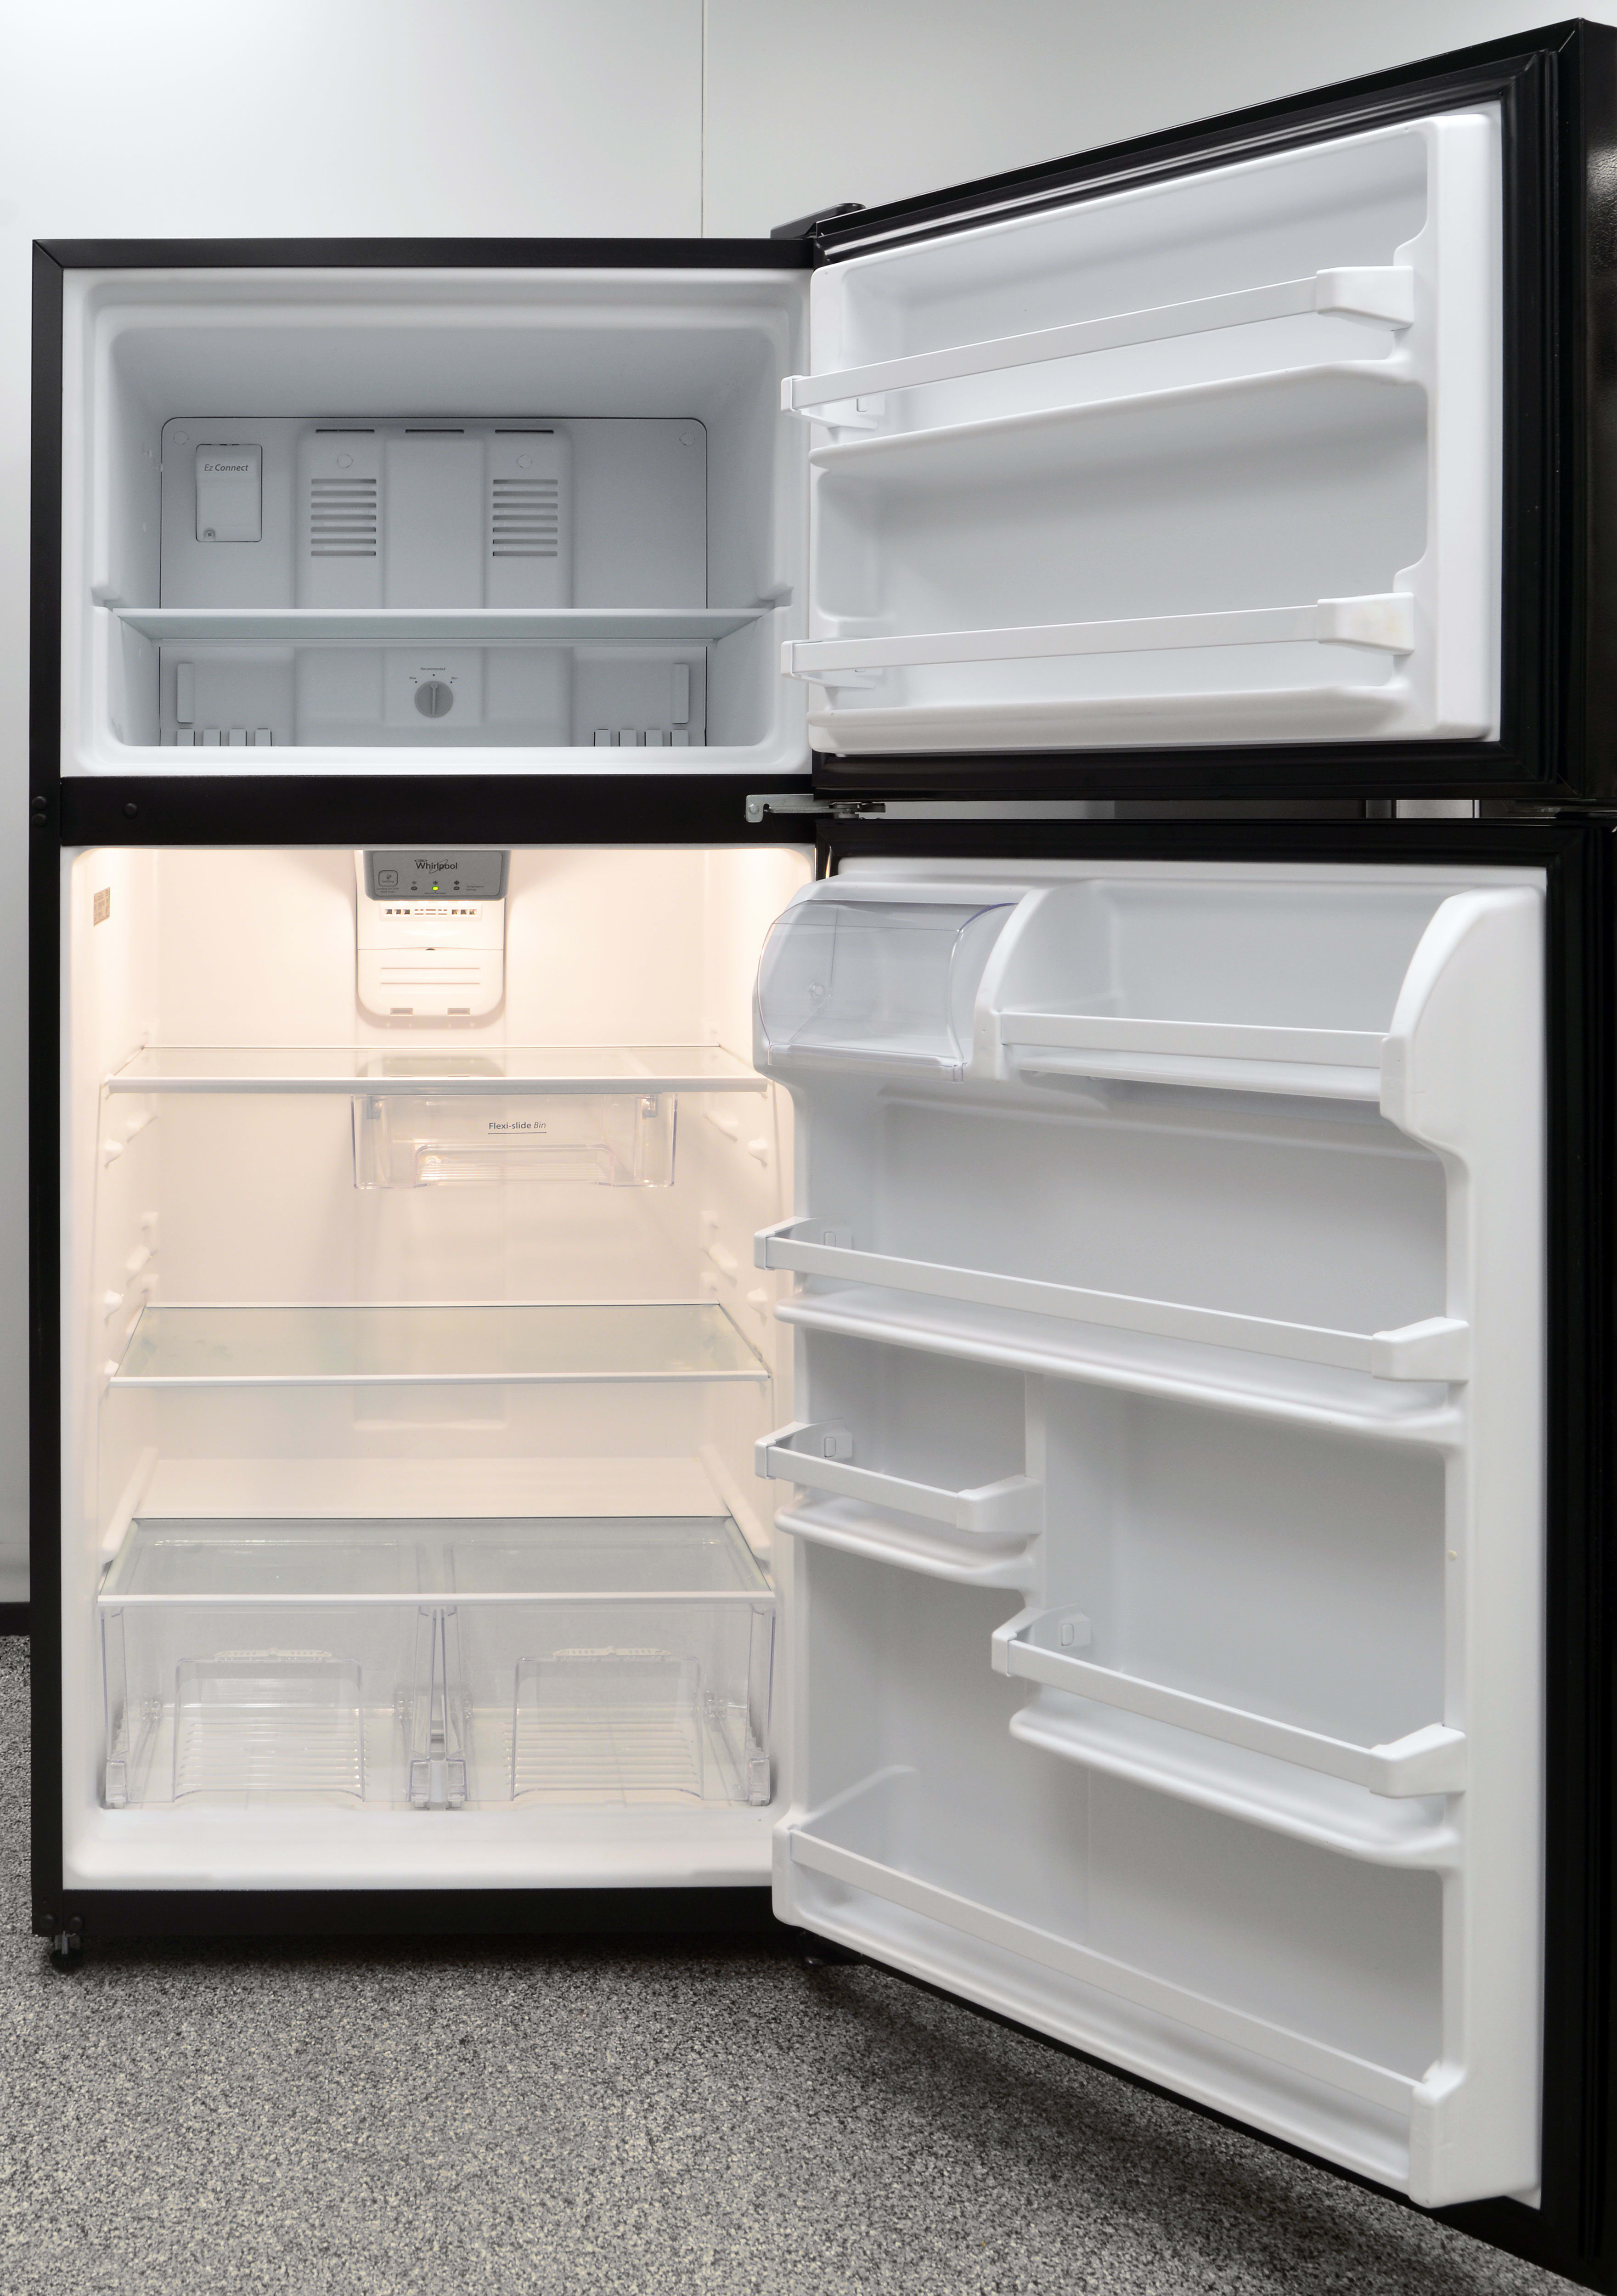 The Whirlpool WRT318FZDB isn't not a big fridge, but it uses its space well.